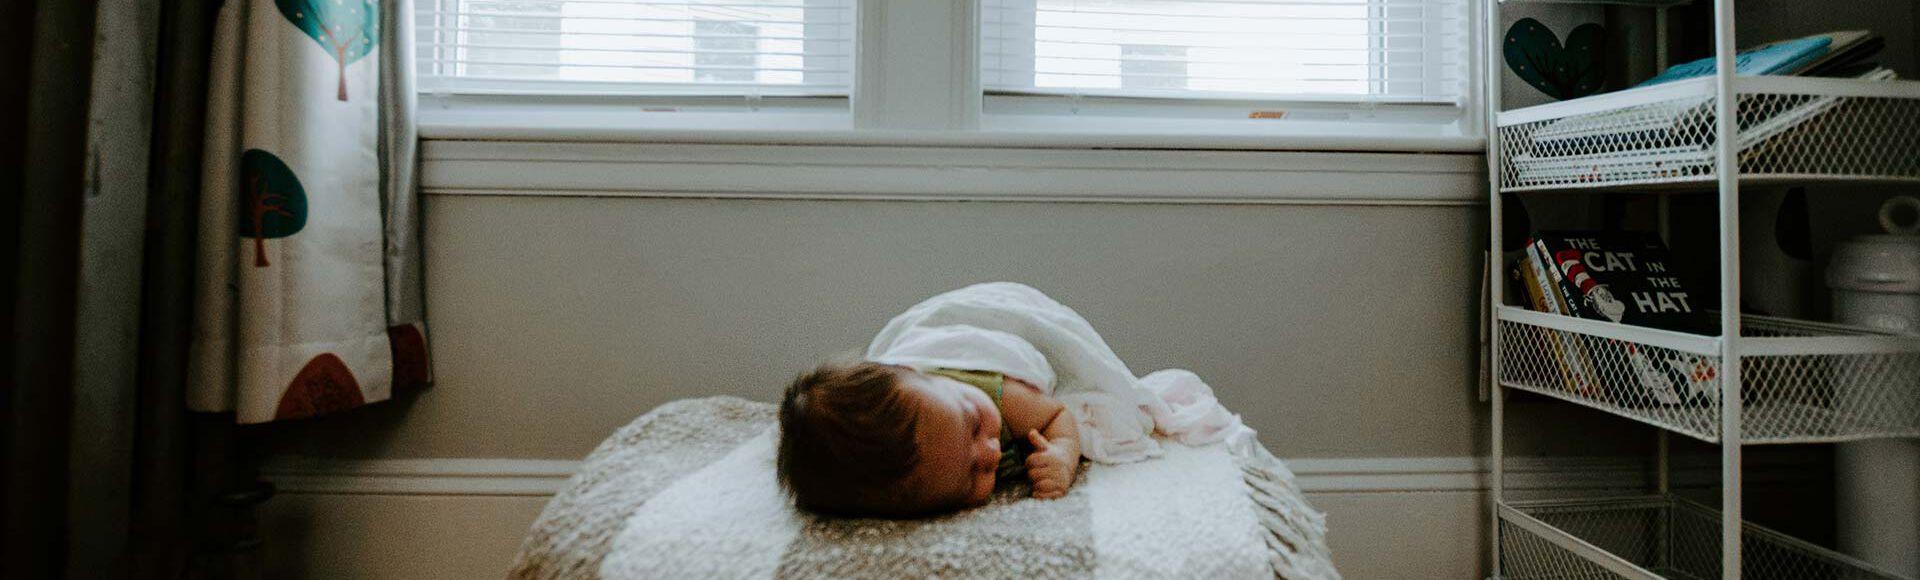 Pesadelos e distúrbios do sono em crianças